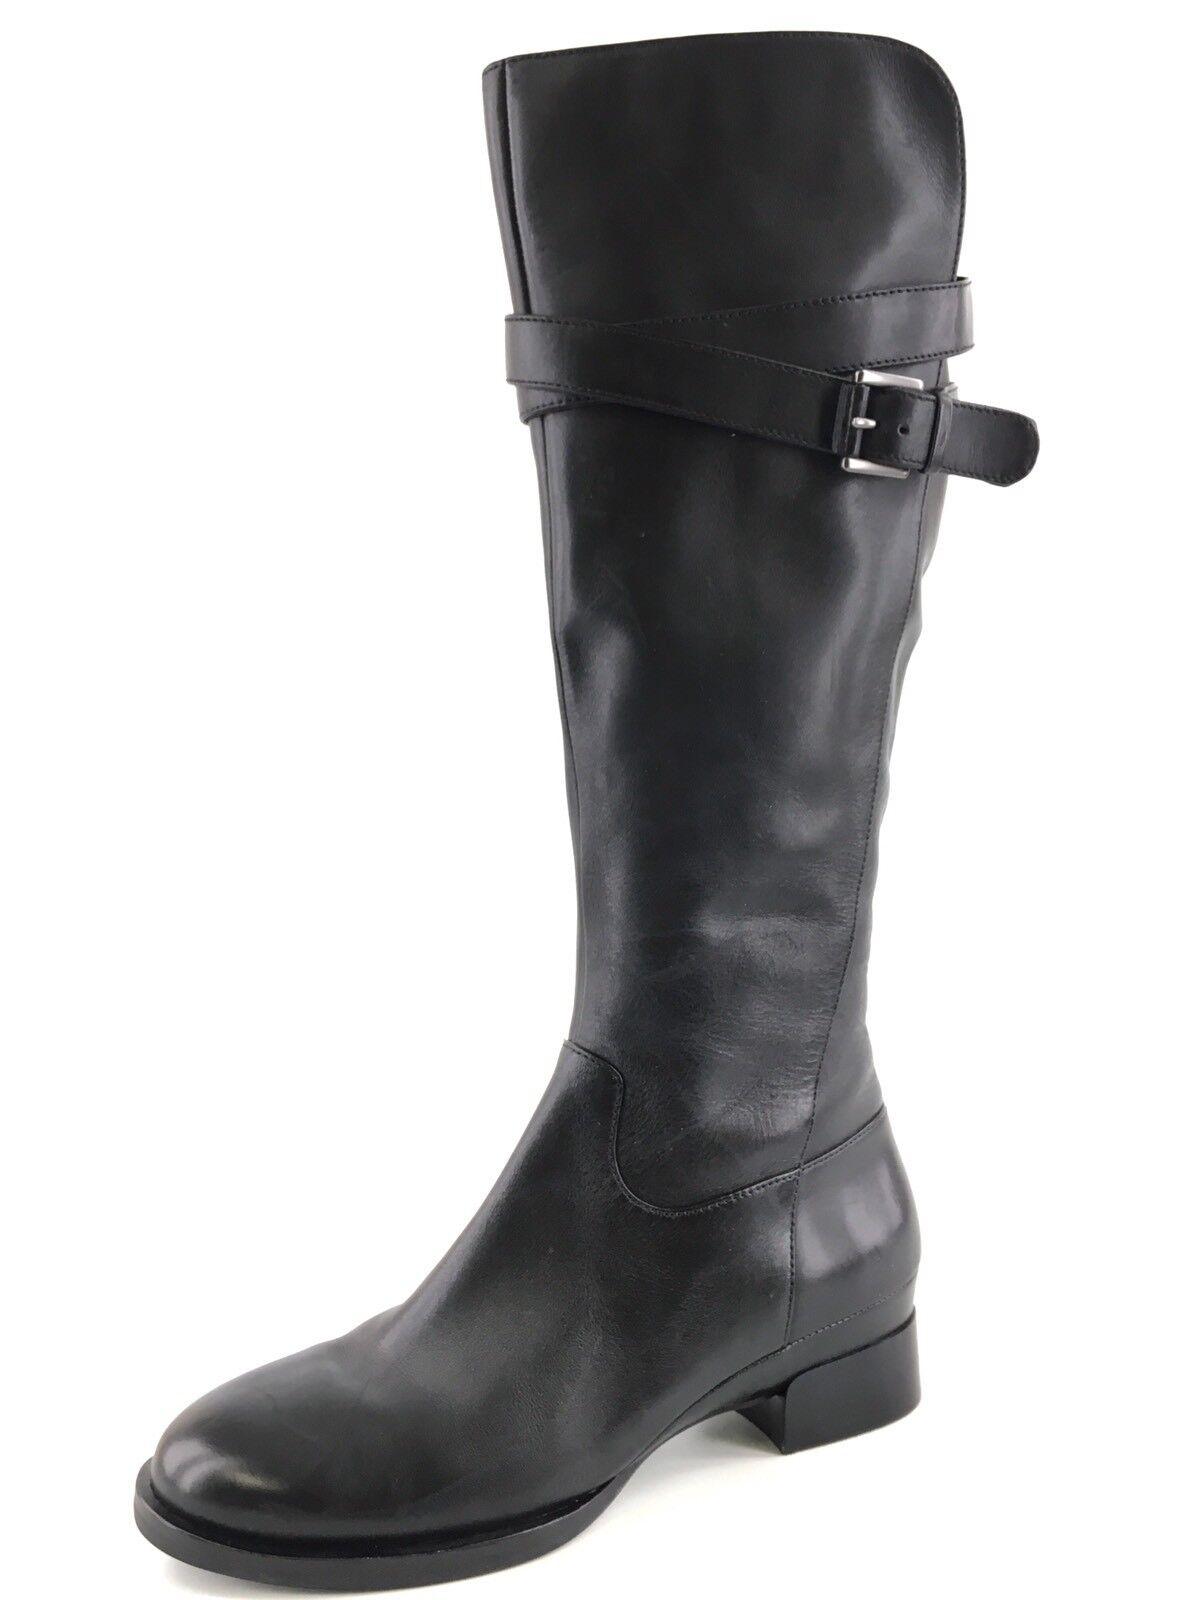 Ecco Hobart De Cuero Negro Con Hebilla De Rodilla Alto Alto Alto botas De Montar Para Mujer Talla 36 M 0007  precios razonables